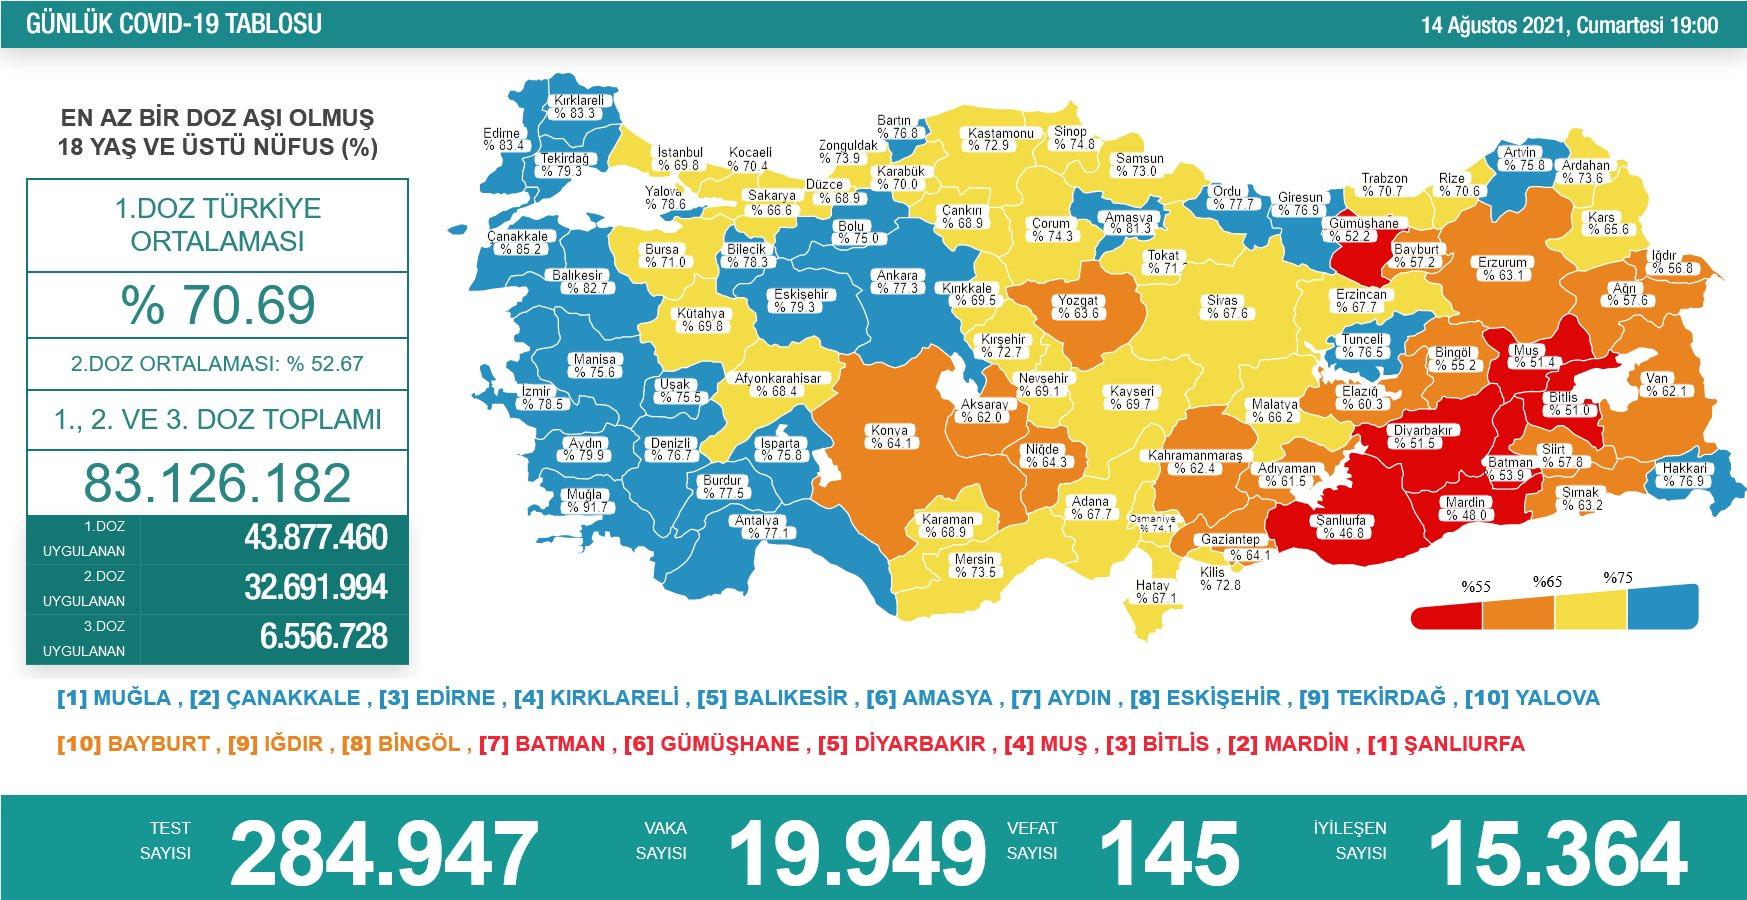 14 Ağustos 2021 Türkiye Koronavirüs Tablosu Açıkladı